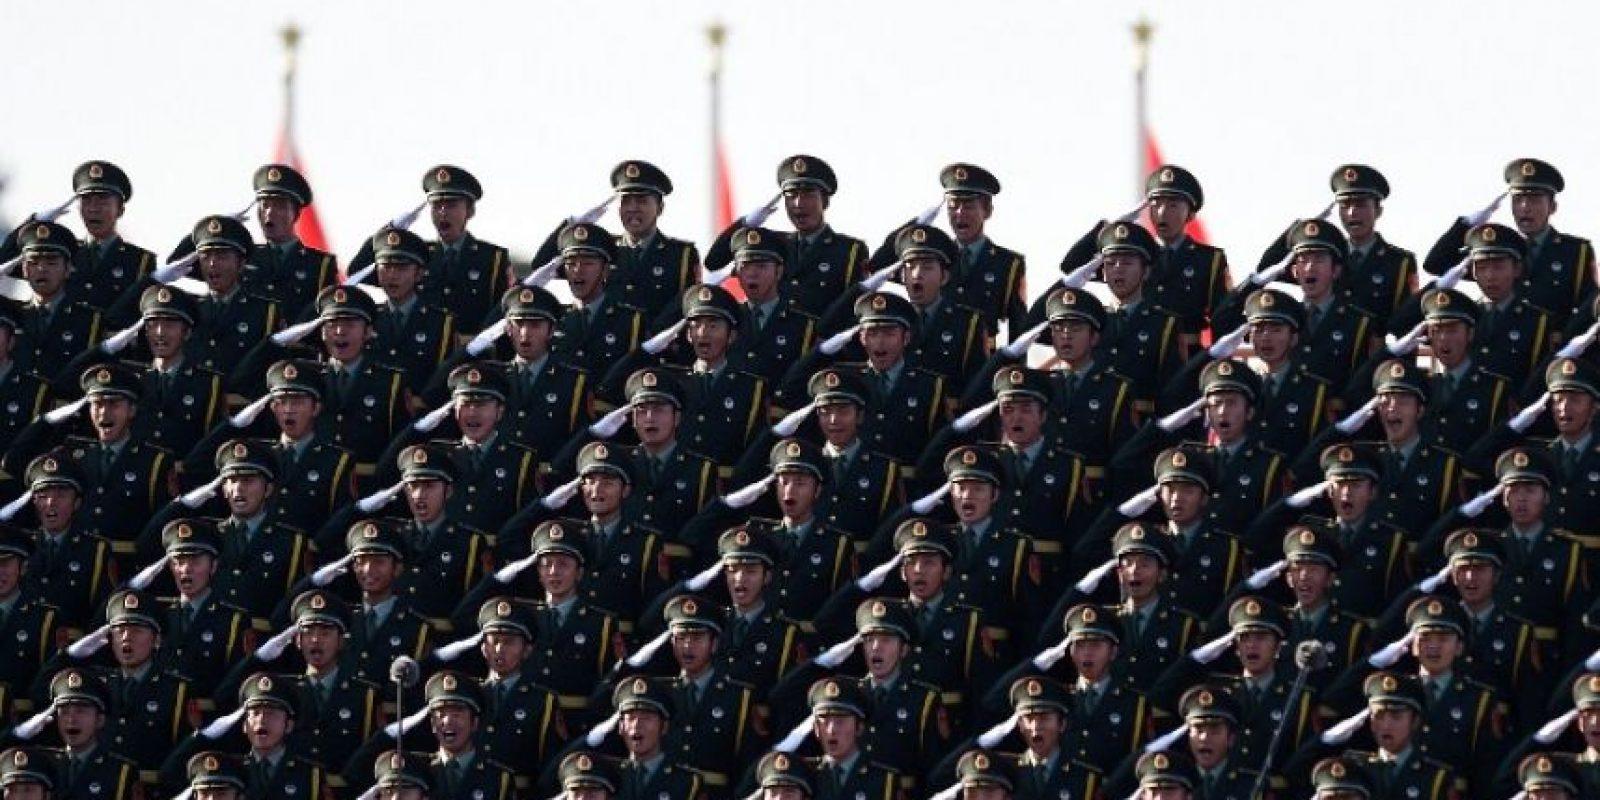 El ejército de Corea de Norte realiza el saludo militar más conocido. Foto:AFP. Imagen Por: